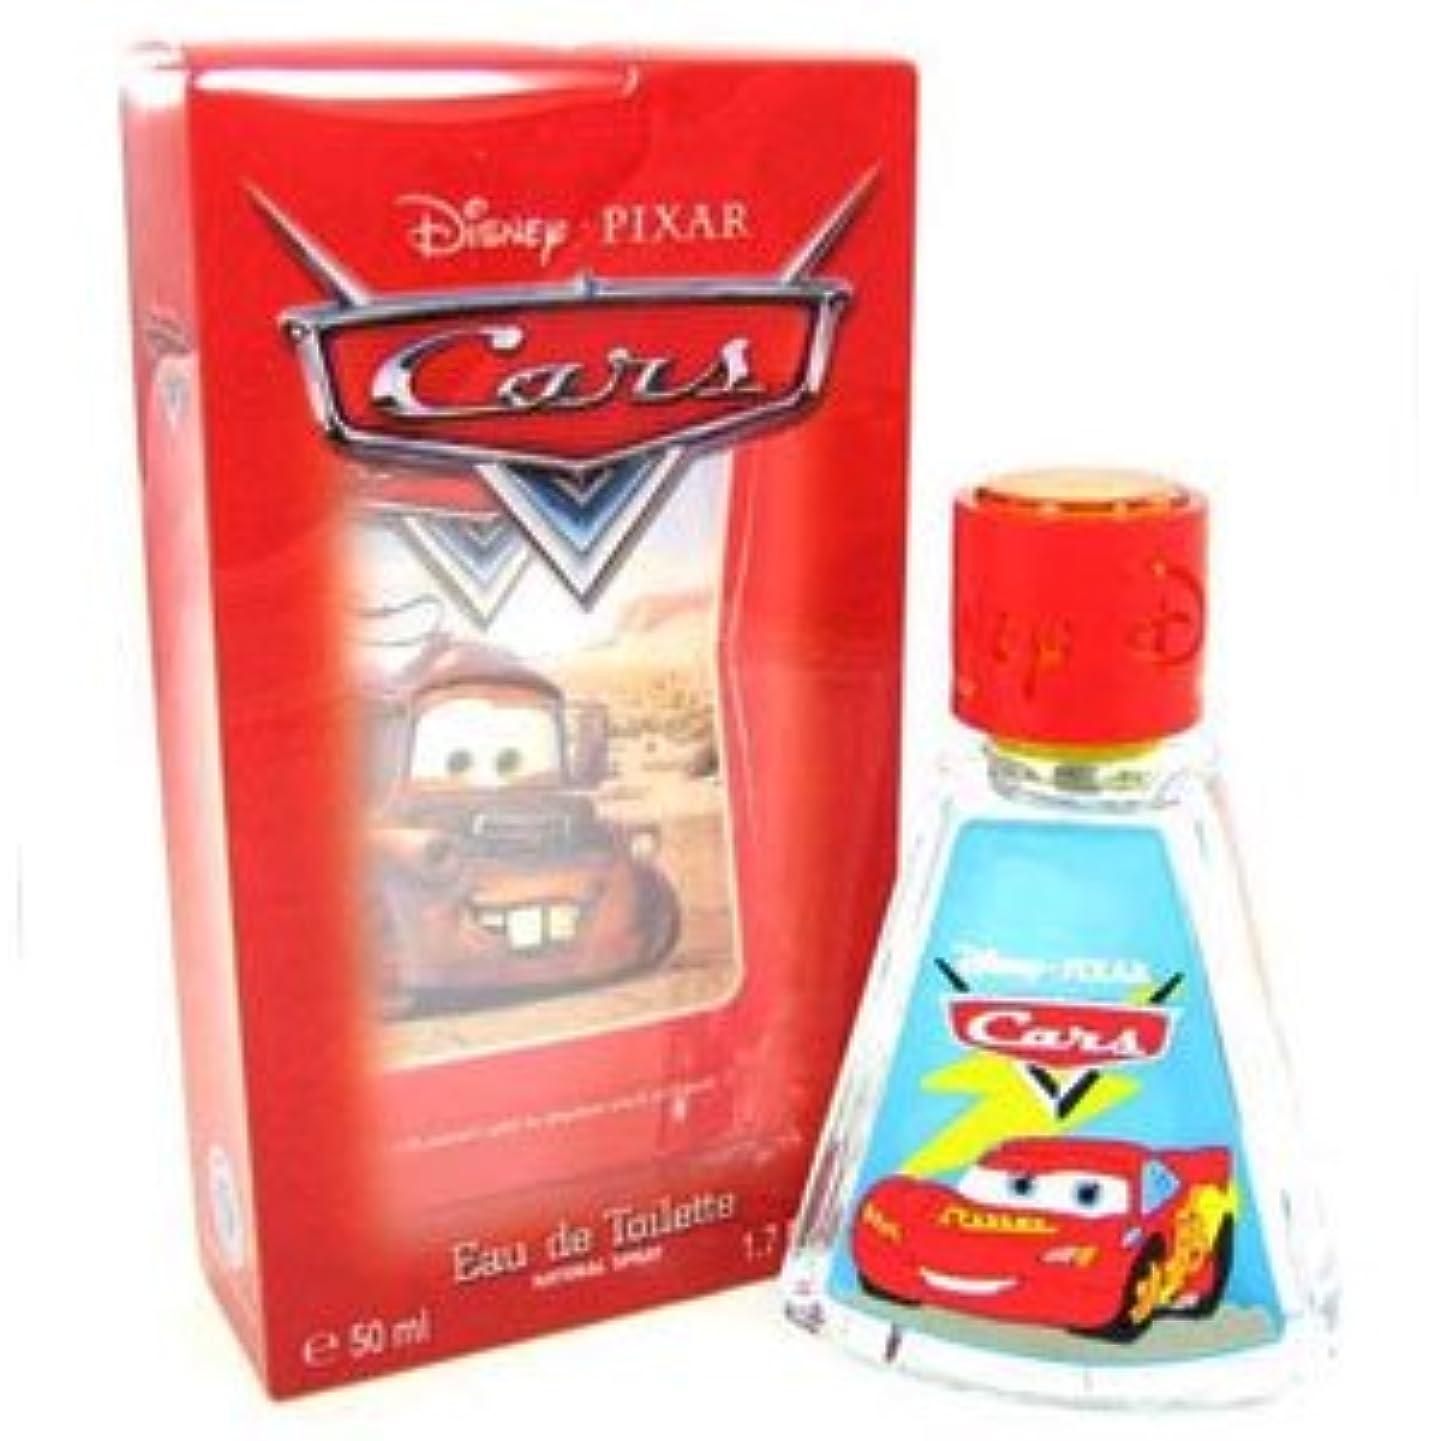 スツールモッキンバード副Cars (カーズ) 3.4 oz (100ml) EDT Spray by Disney for Boys